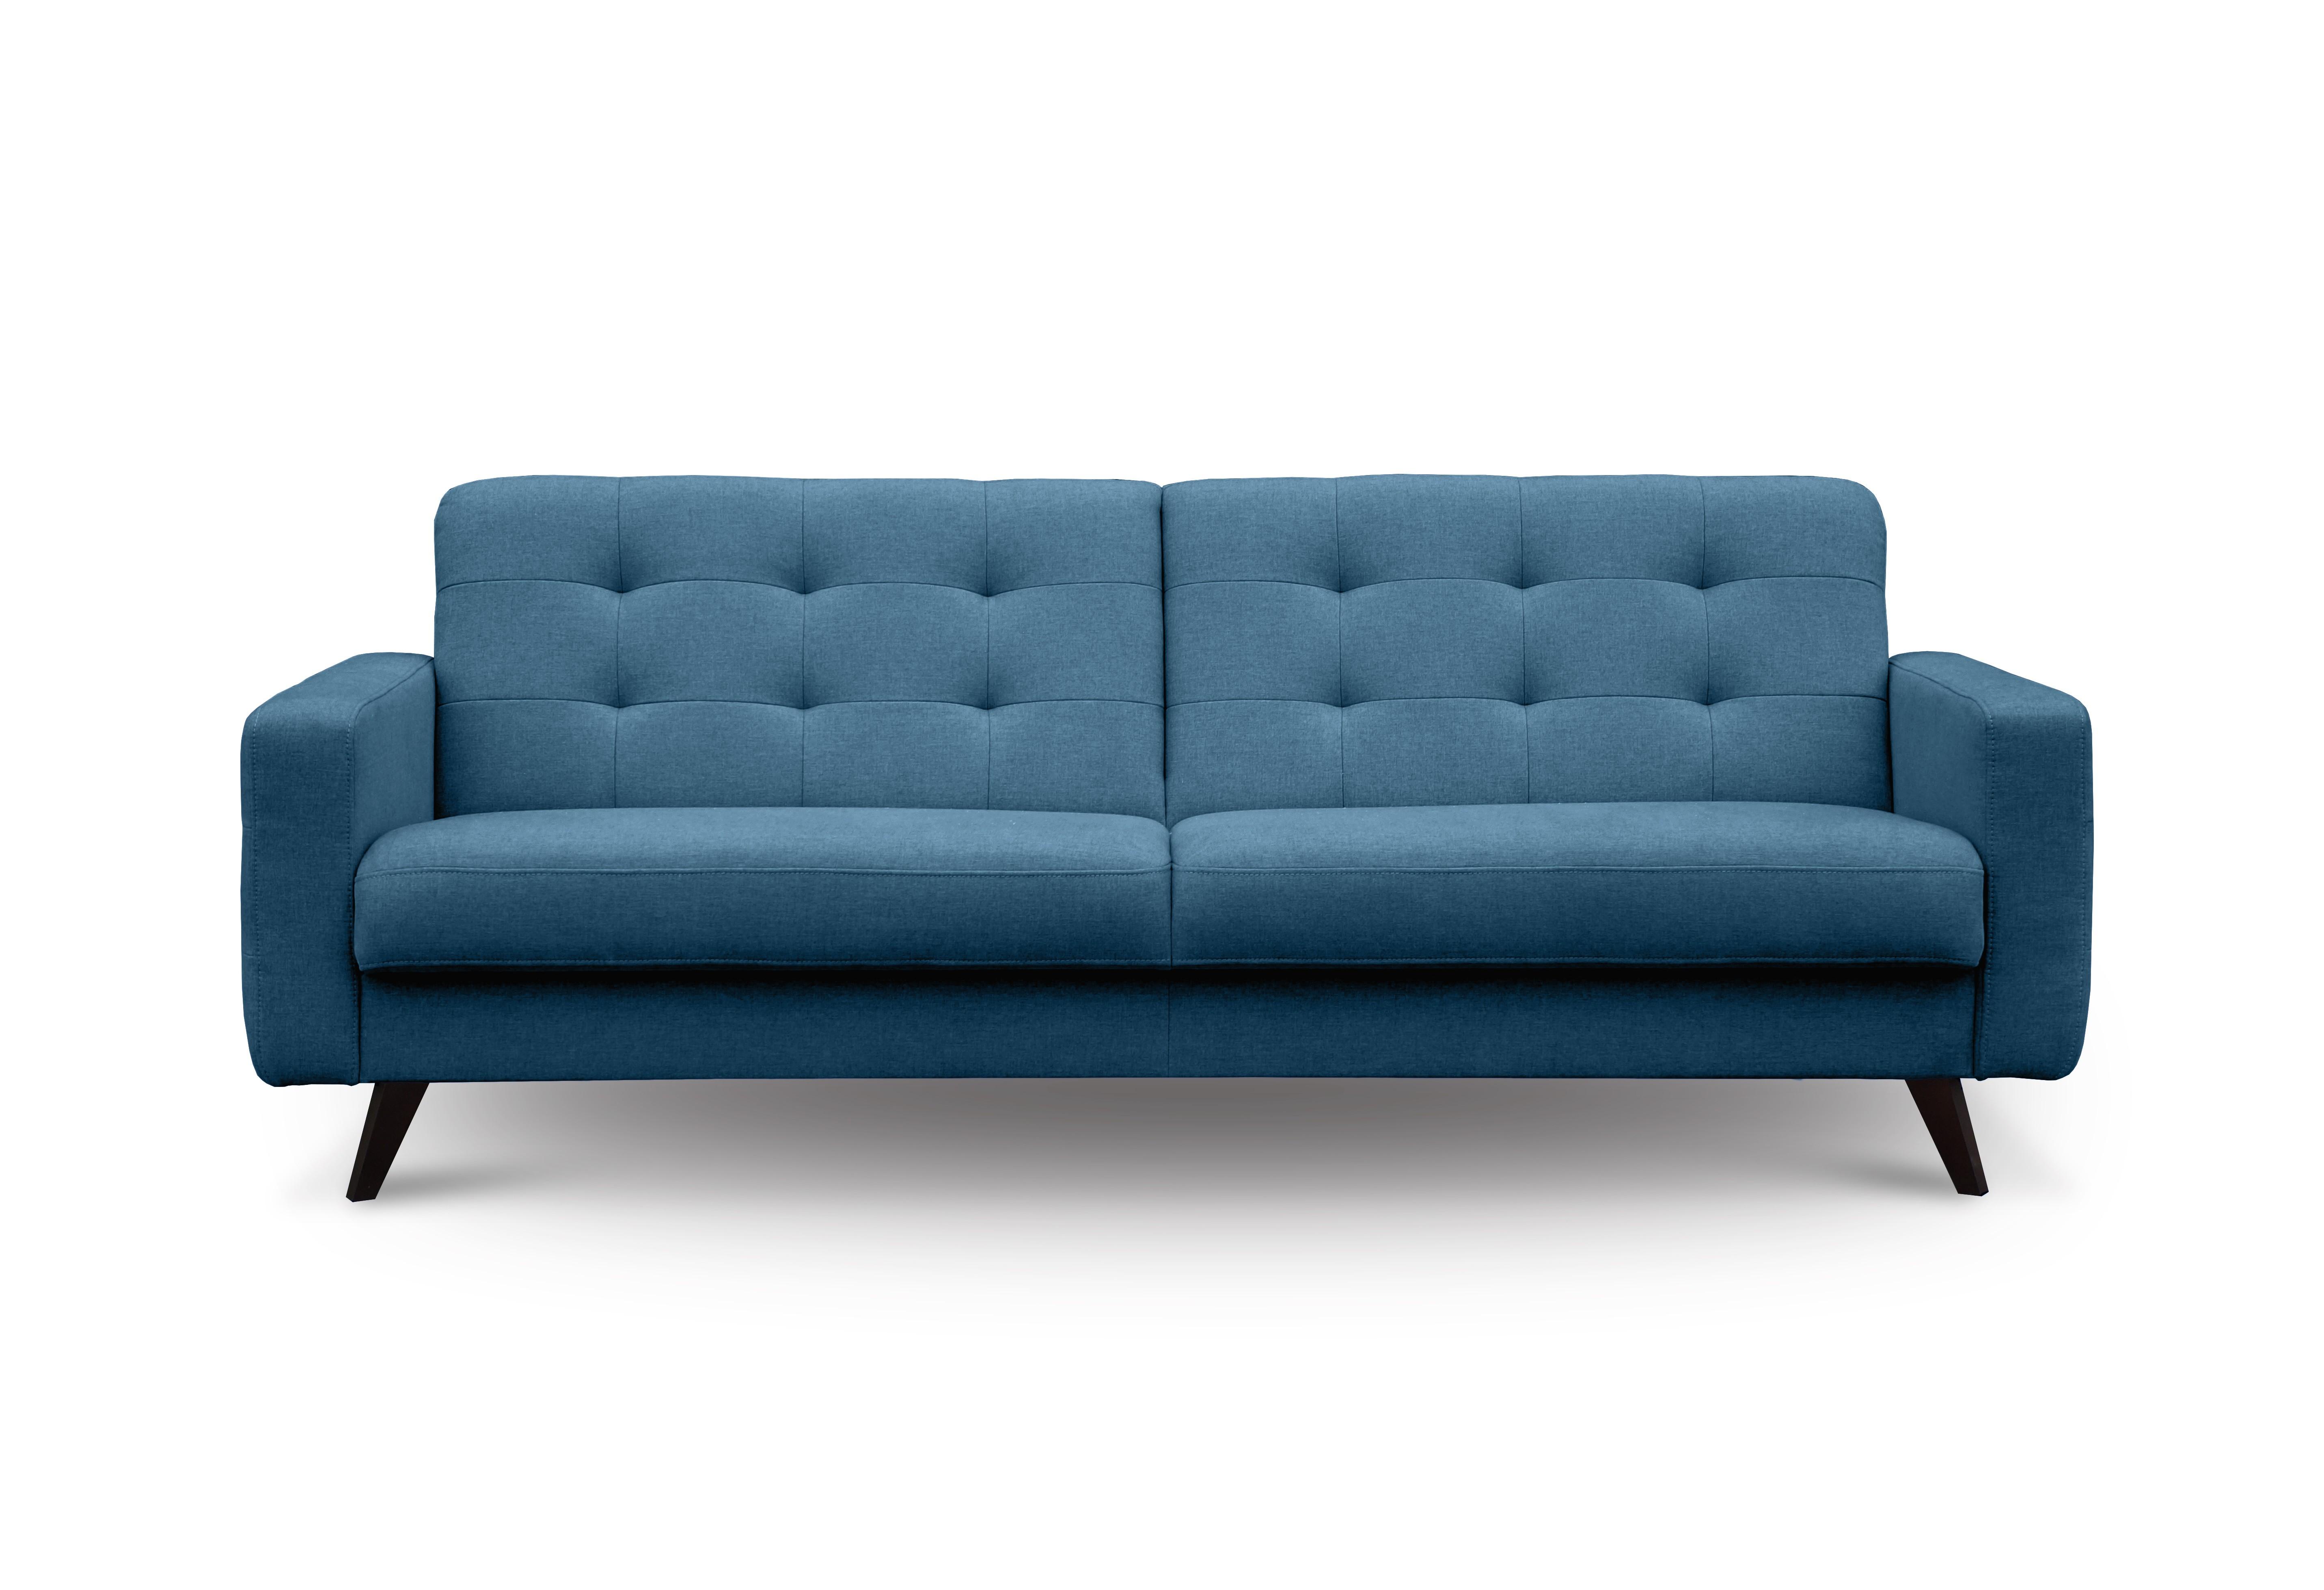 Myfurnish диван-кровать california синий  80963/15